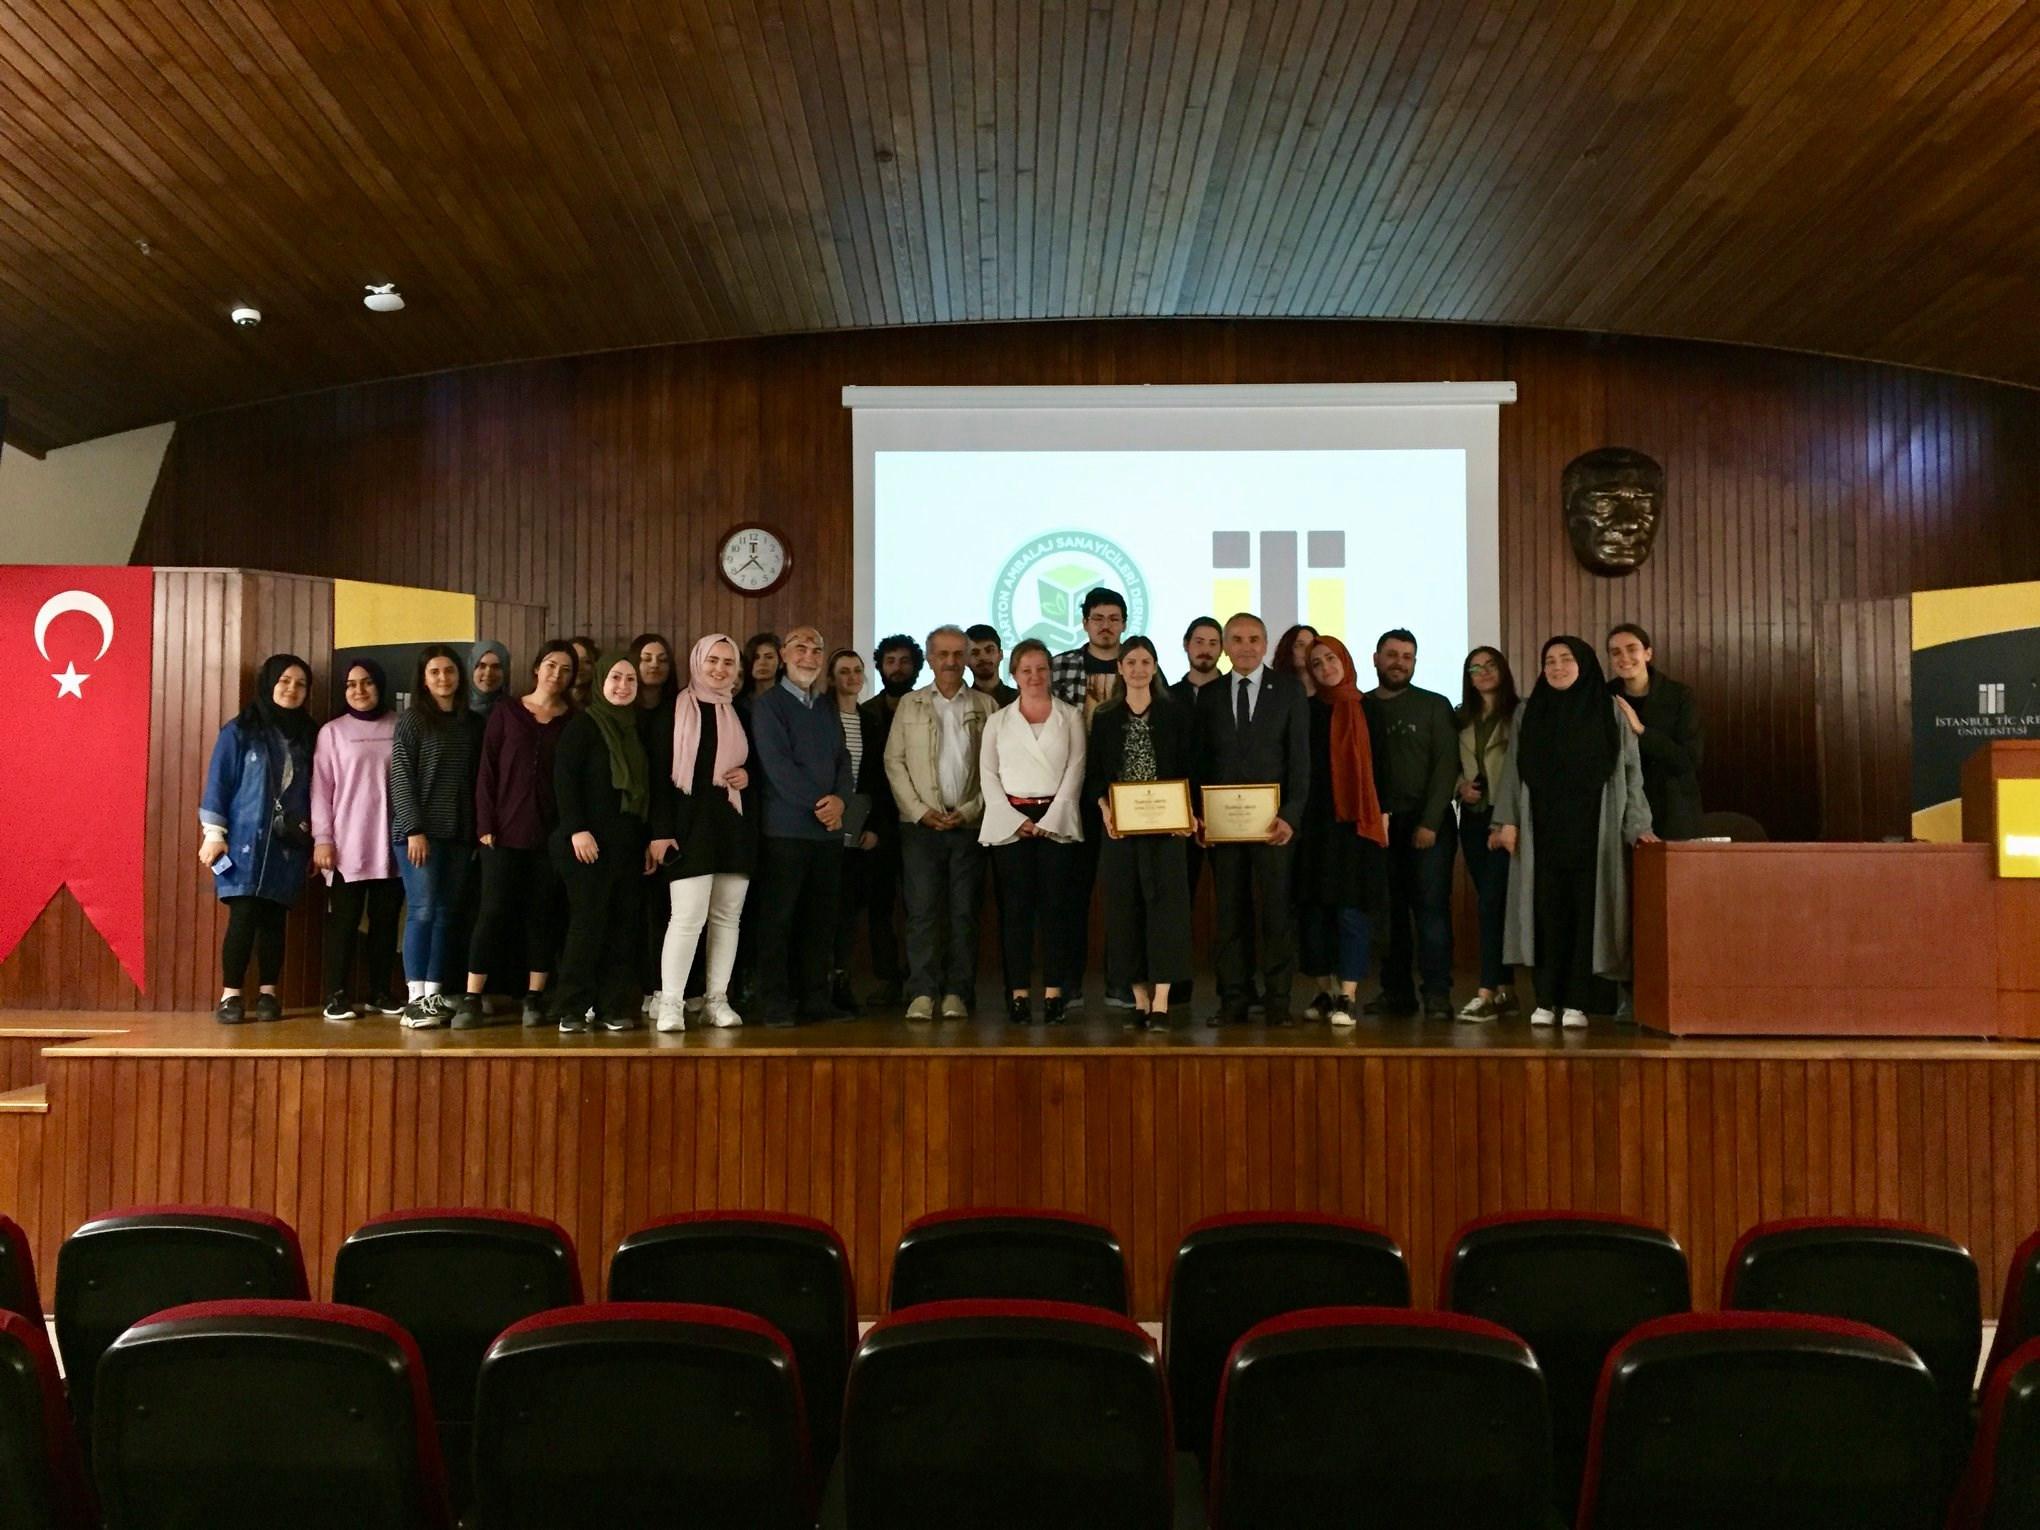 İstanbul Ticaret Üniversitesi'nde KASAD Semineri 08.05.2019